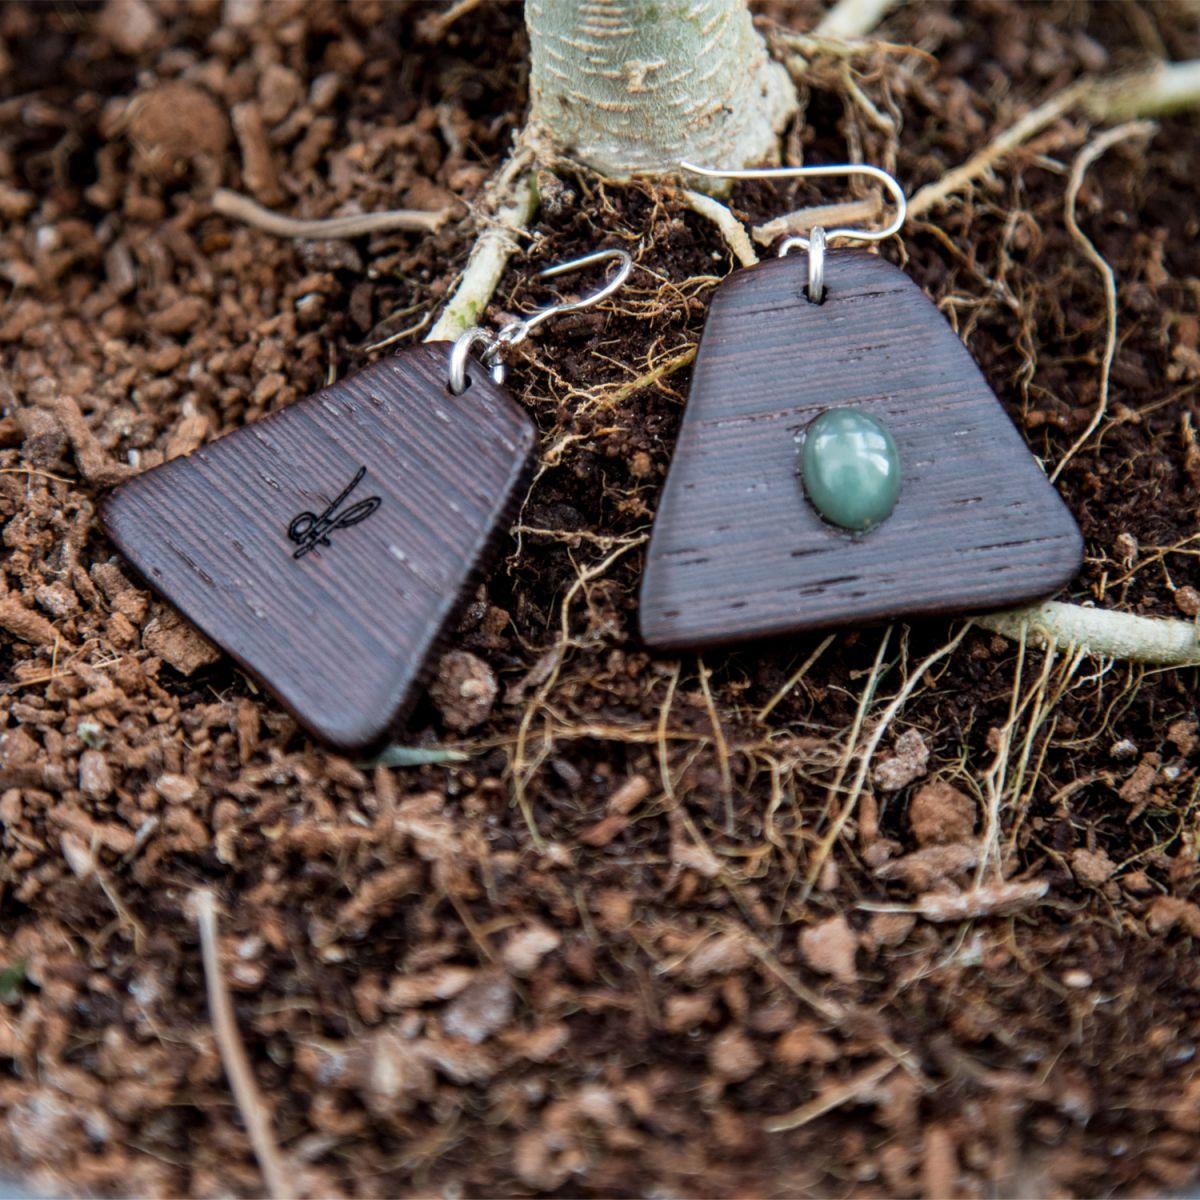 Σκουλαρίκια dion&felle από τη συλλογή Element. Χειροποίητα σκουλαρίκια από φυσικό ξύλο Wenge και φυσικό ημιπολύτιμο λίθο Αβεντουρίνη, το στοιχείο της γης.